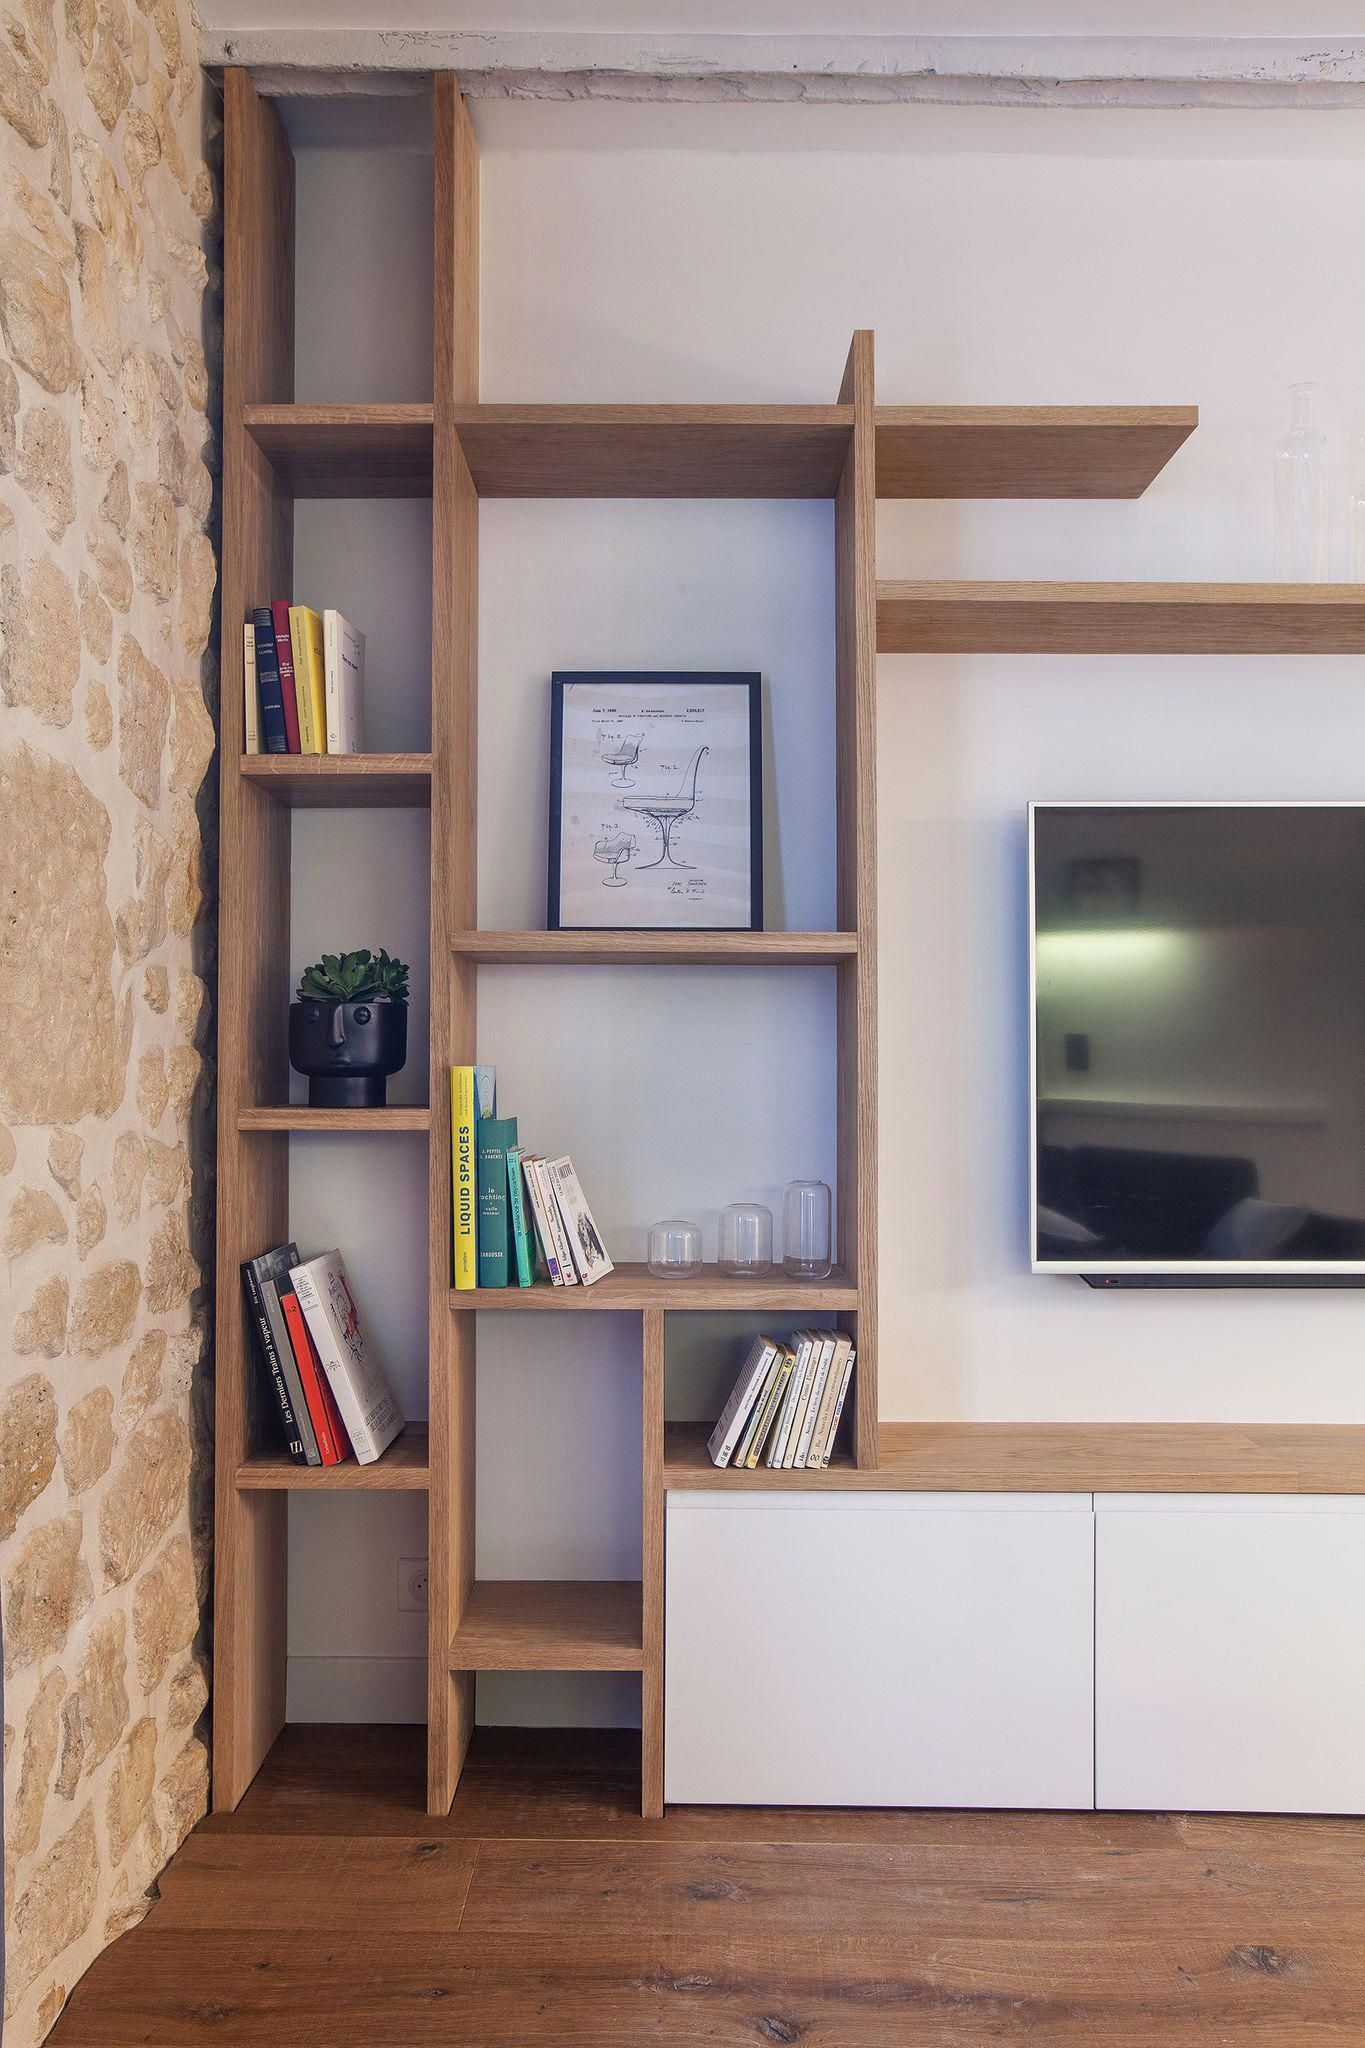 Photo of Une bibliothèque, un meuble de transition #DécorationIntérieureChambre